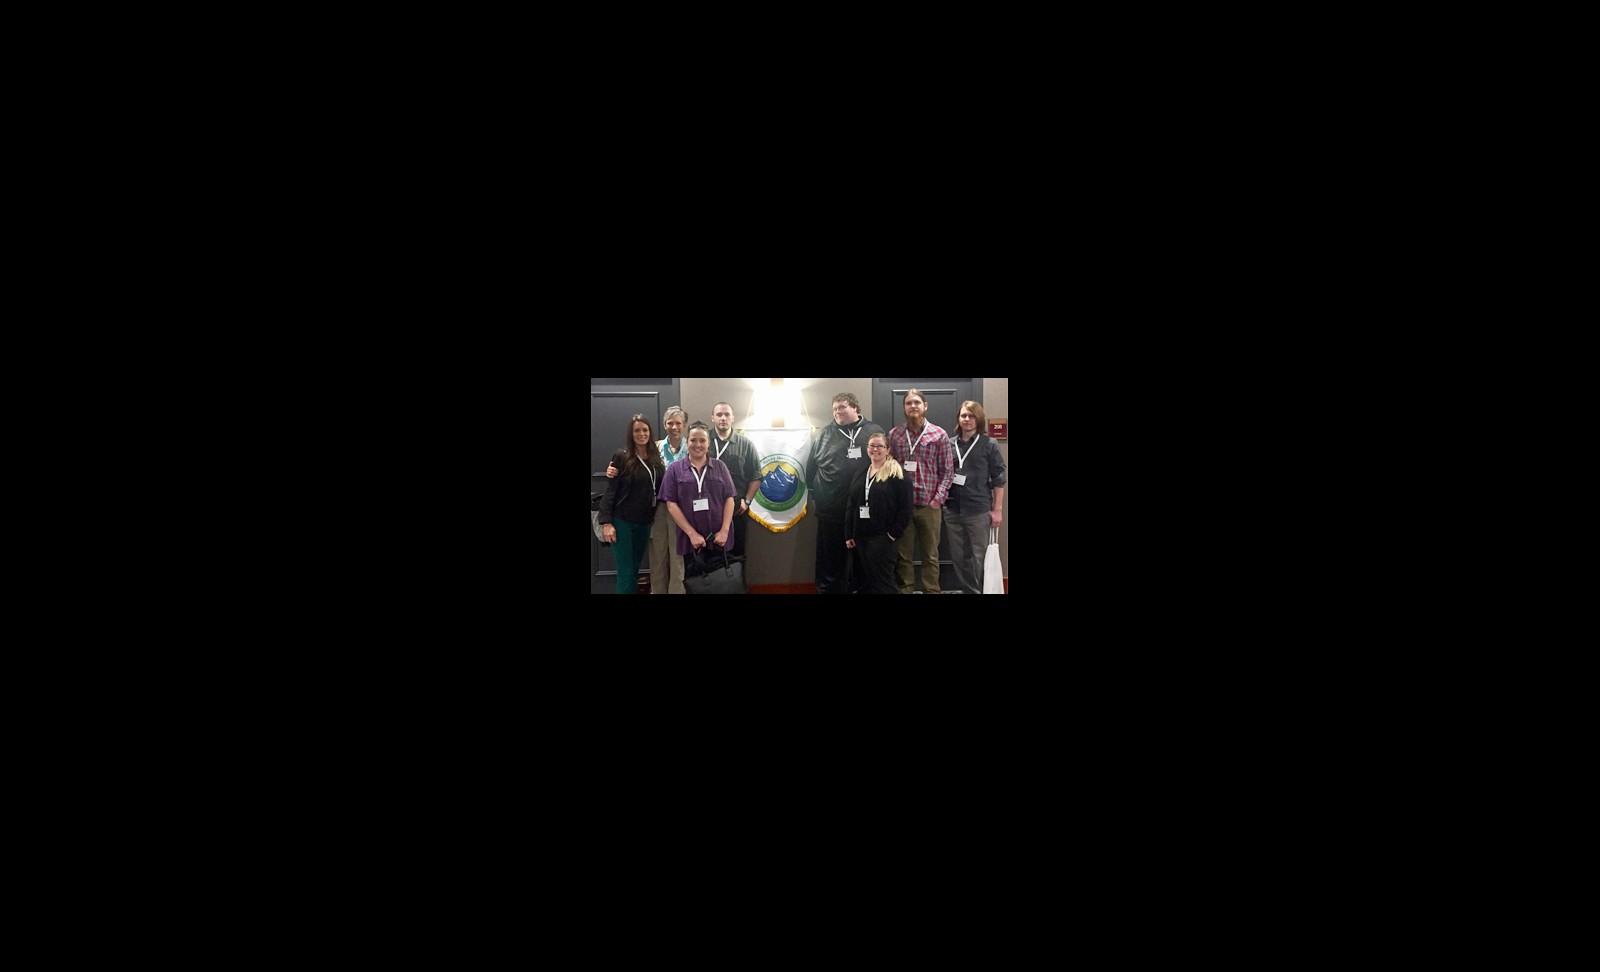 Title - (Left to right) Heather Schoenherr (Co-Advisor), Martha Timberlake (Co-Advisor), Amy Behner, Matt Hiller (Vice President), Casey Bosse (Secretary), Heather Augustine (President), David Dunn, and Ryan Greenberg (Treasurer).